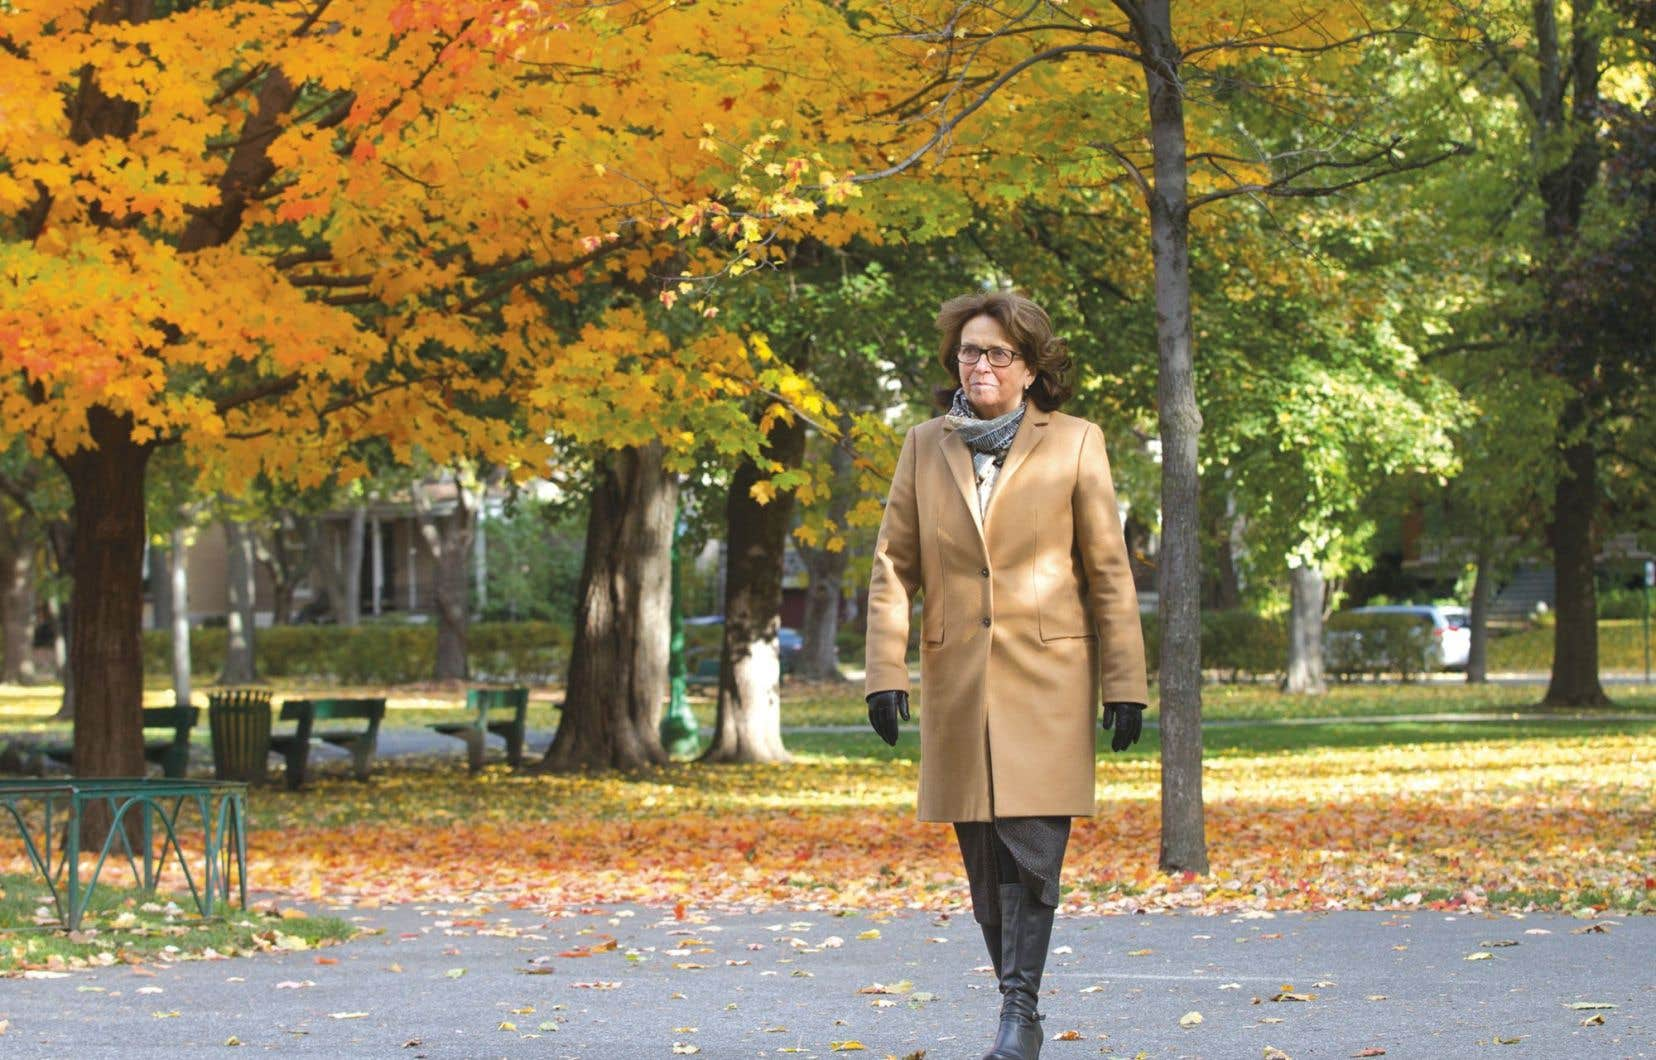 La mairesse d'Outremont, Marie Cinq-Mars, craque tout particulièrement pour ses espaces verts, entre autres le parc Outremont à l'angle des rues Saint-Viateur et Outremont.